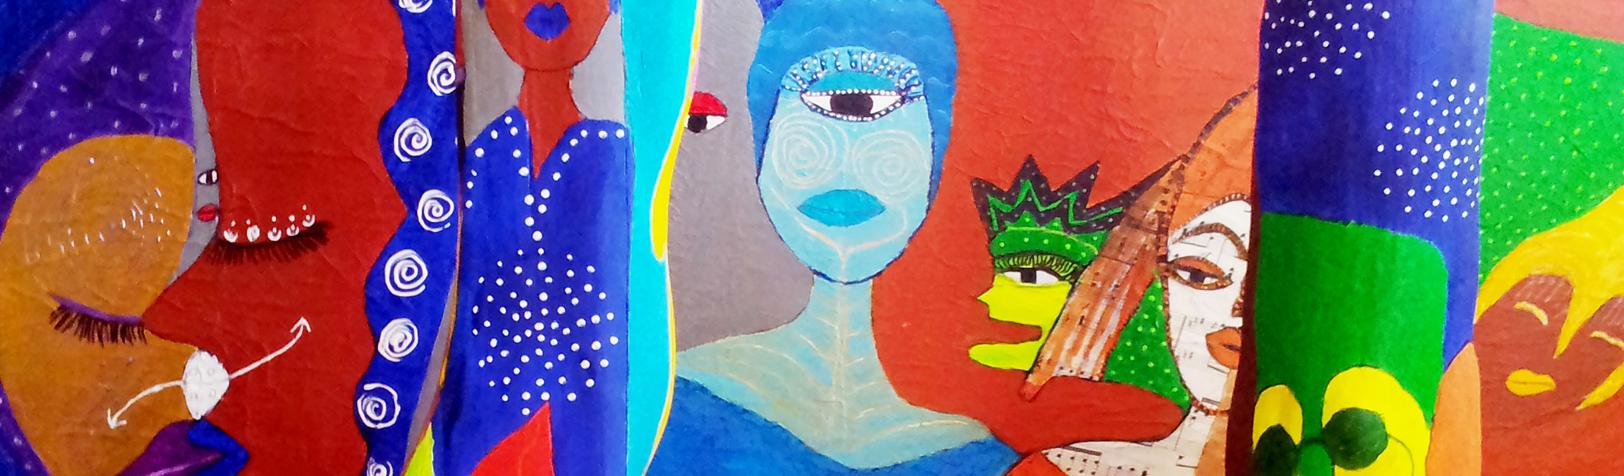 Exposition Cuba y los Orishas du vendredi 8 au samedi 30 mars